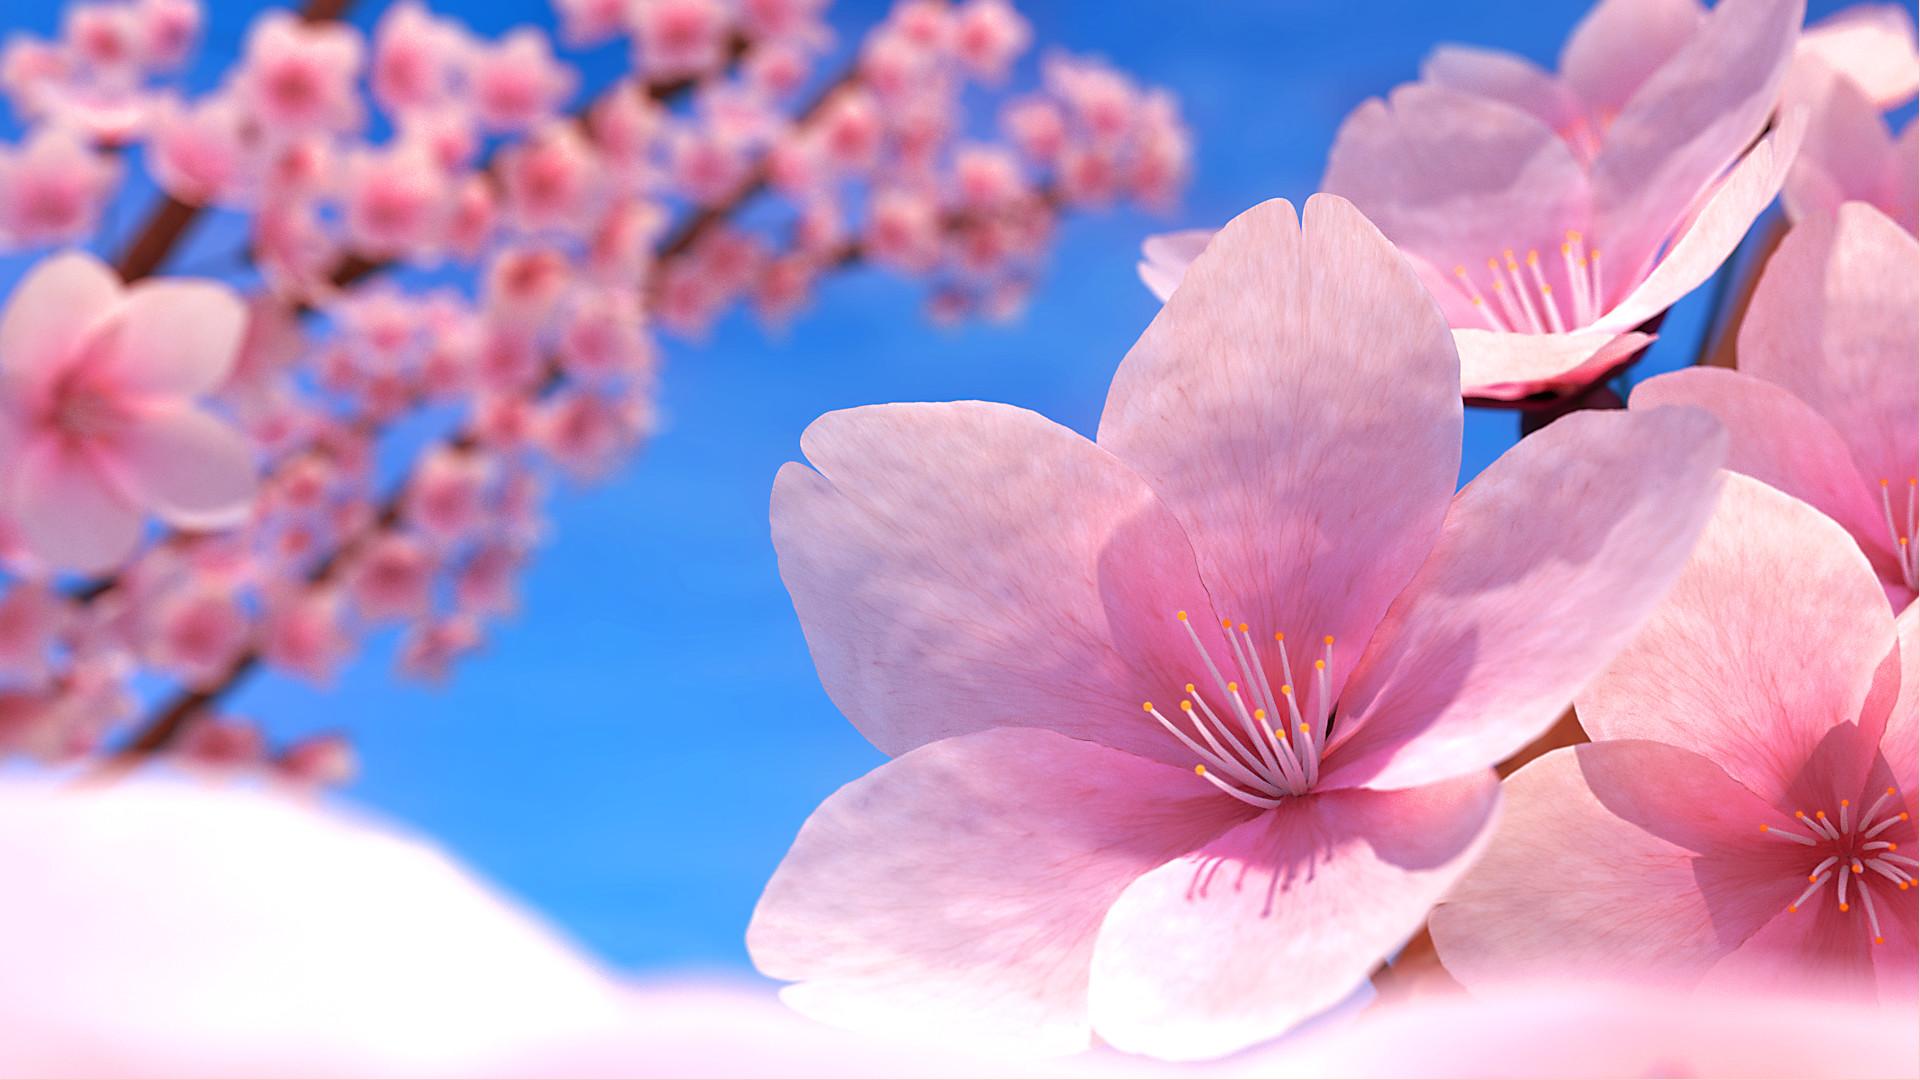 вишня цветение  № 2767206 загрузить